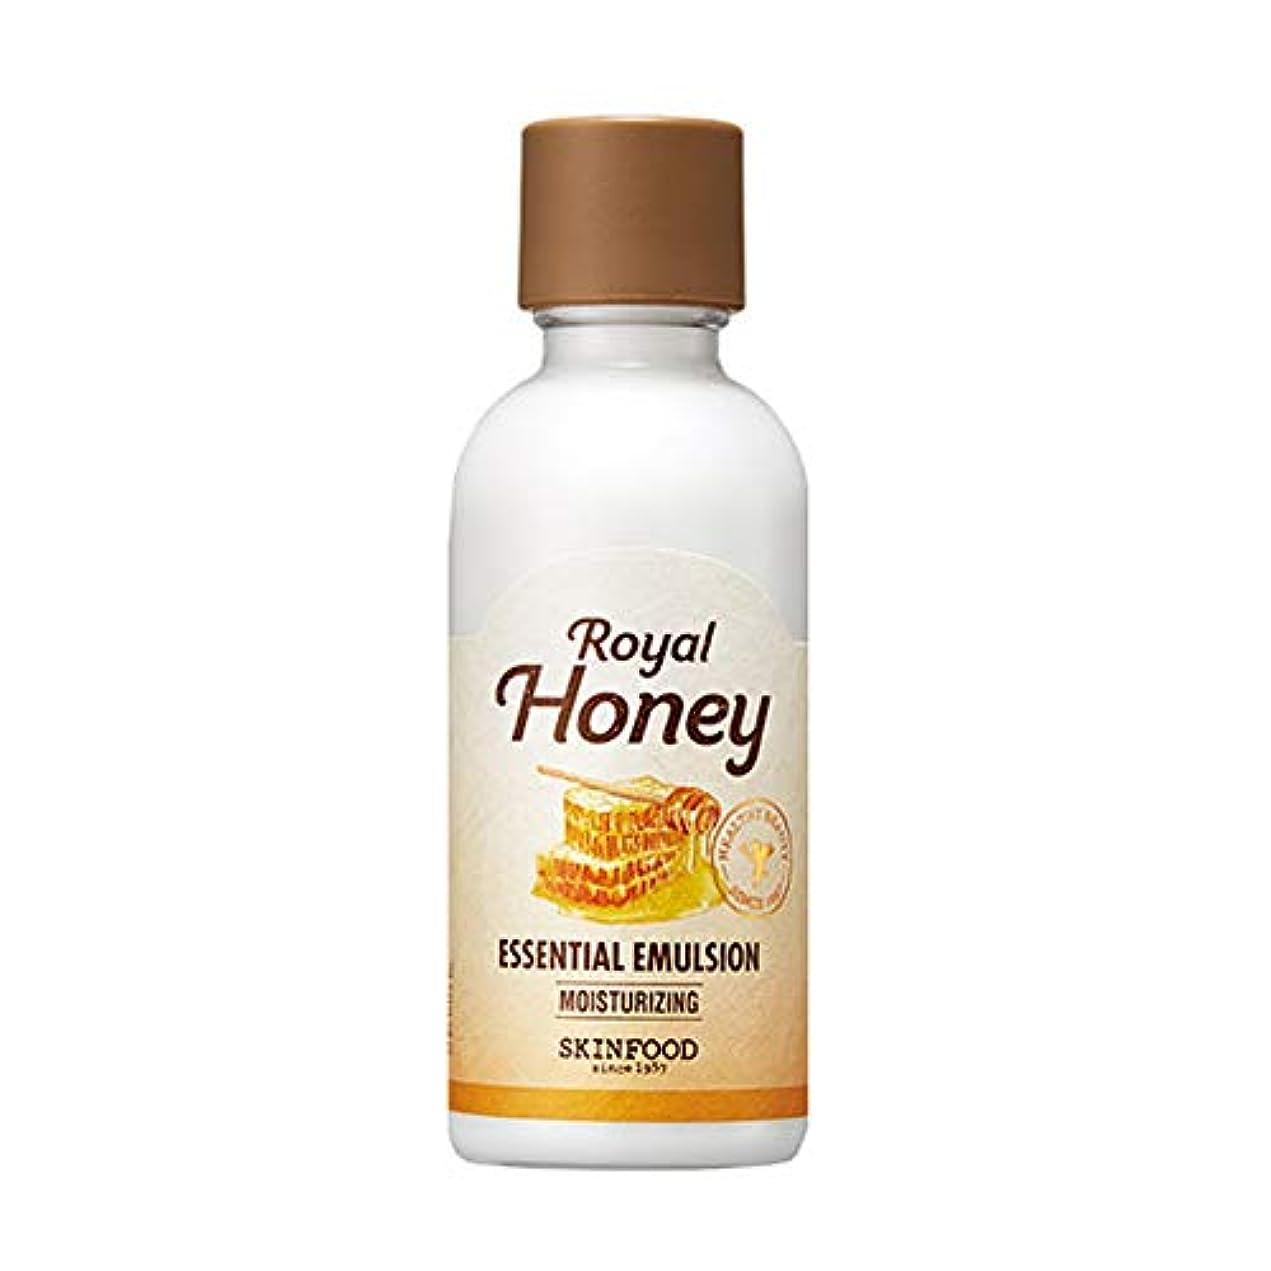 ドレイン咳地図Skinfood ロイヤルハニーエッセンシャルエマルジョン/Royal Honey Essential Emulsion 160ml [並行輸入品]